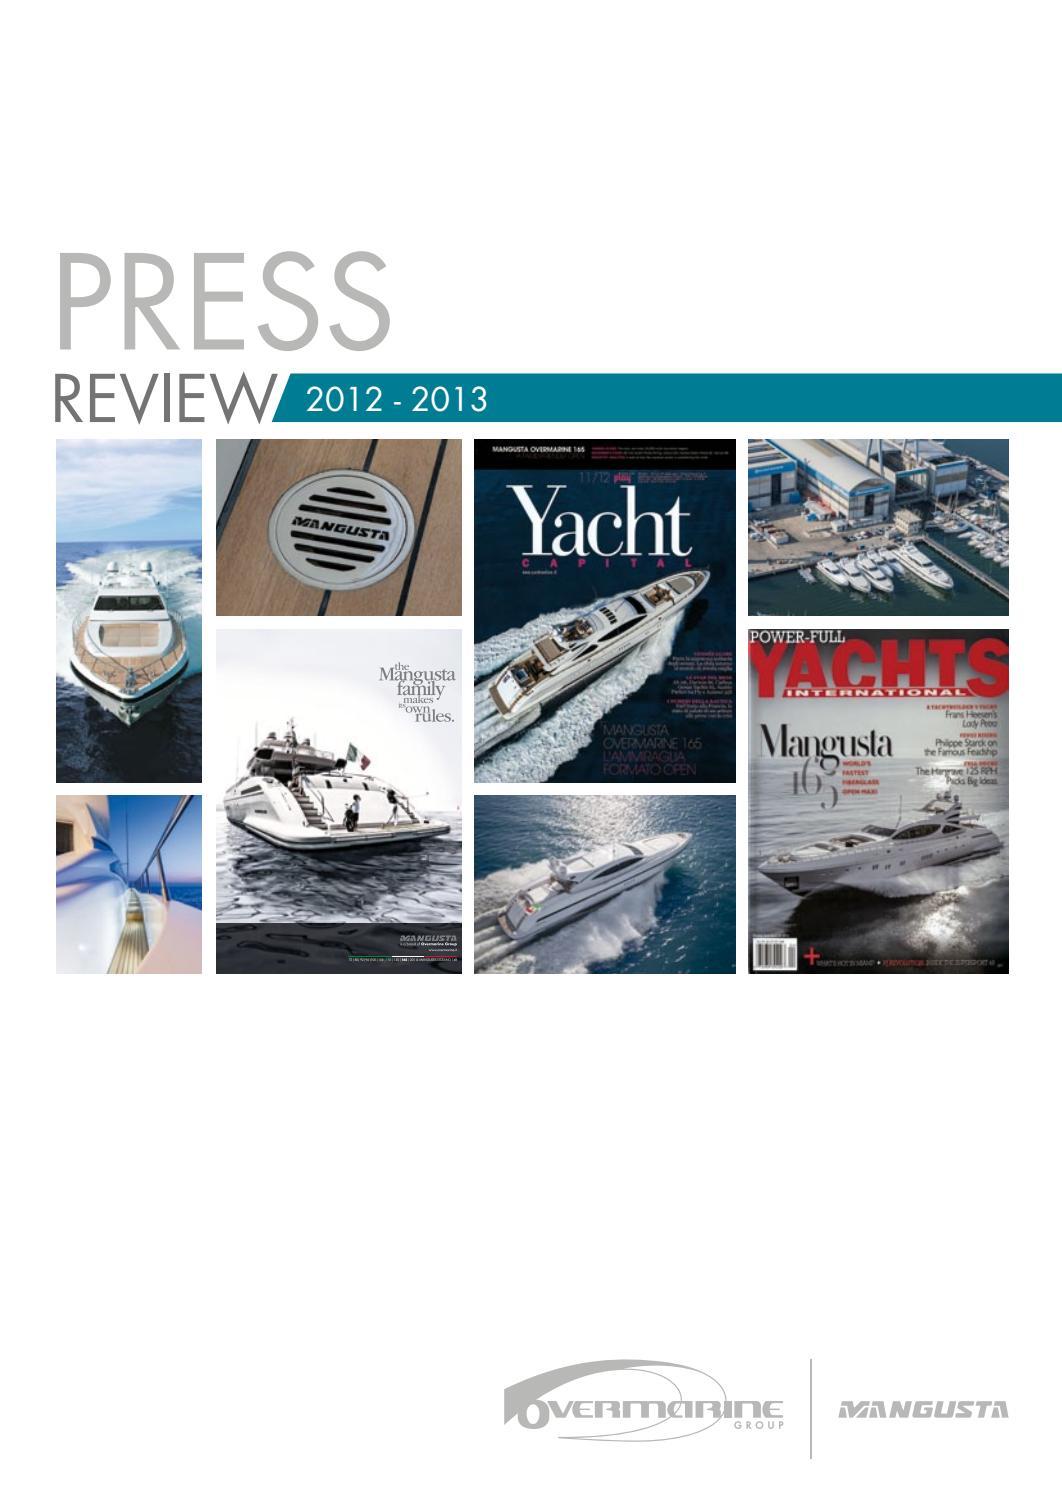 Overmarine Group Press Review 2014 by Overmarine_Mangusta - issuu